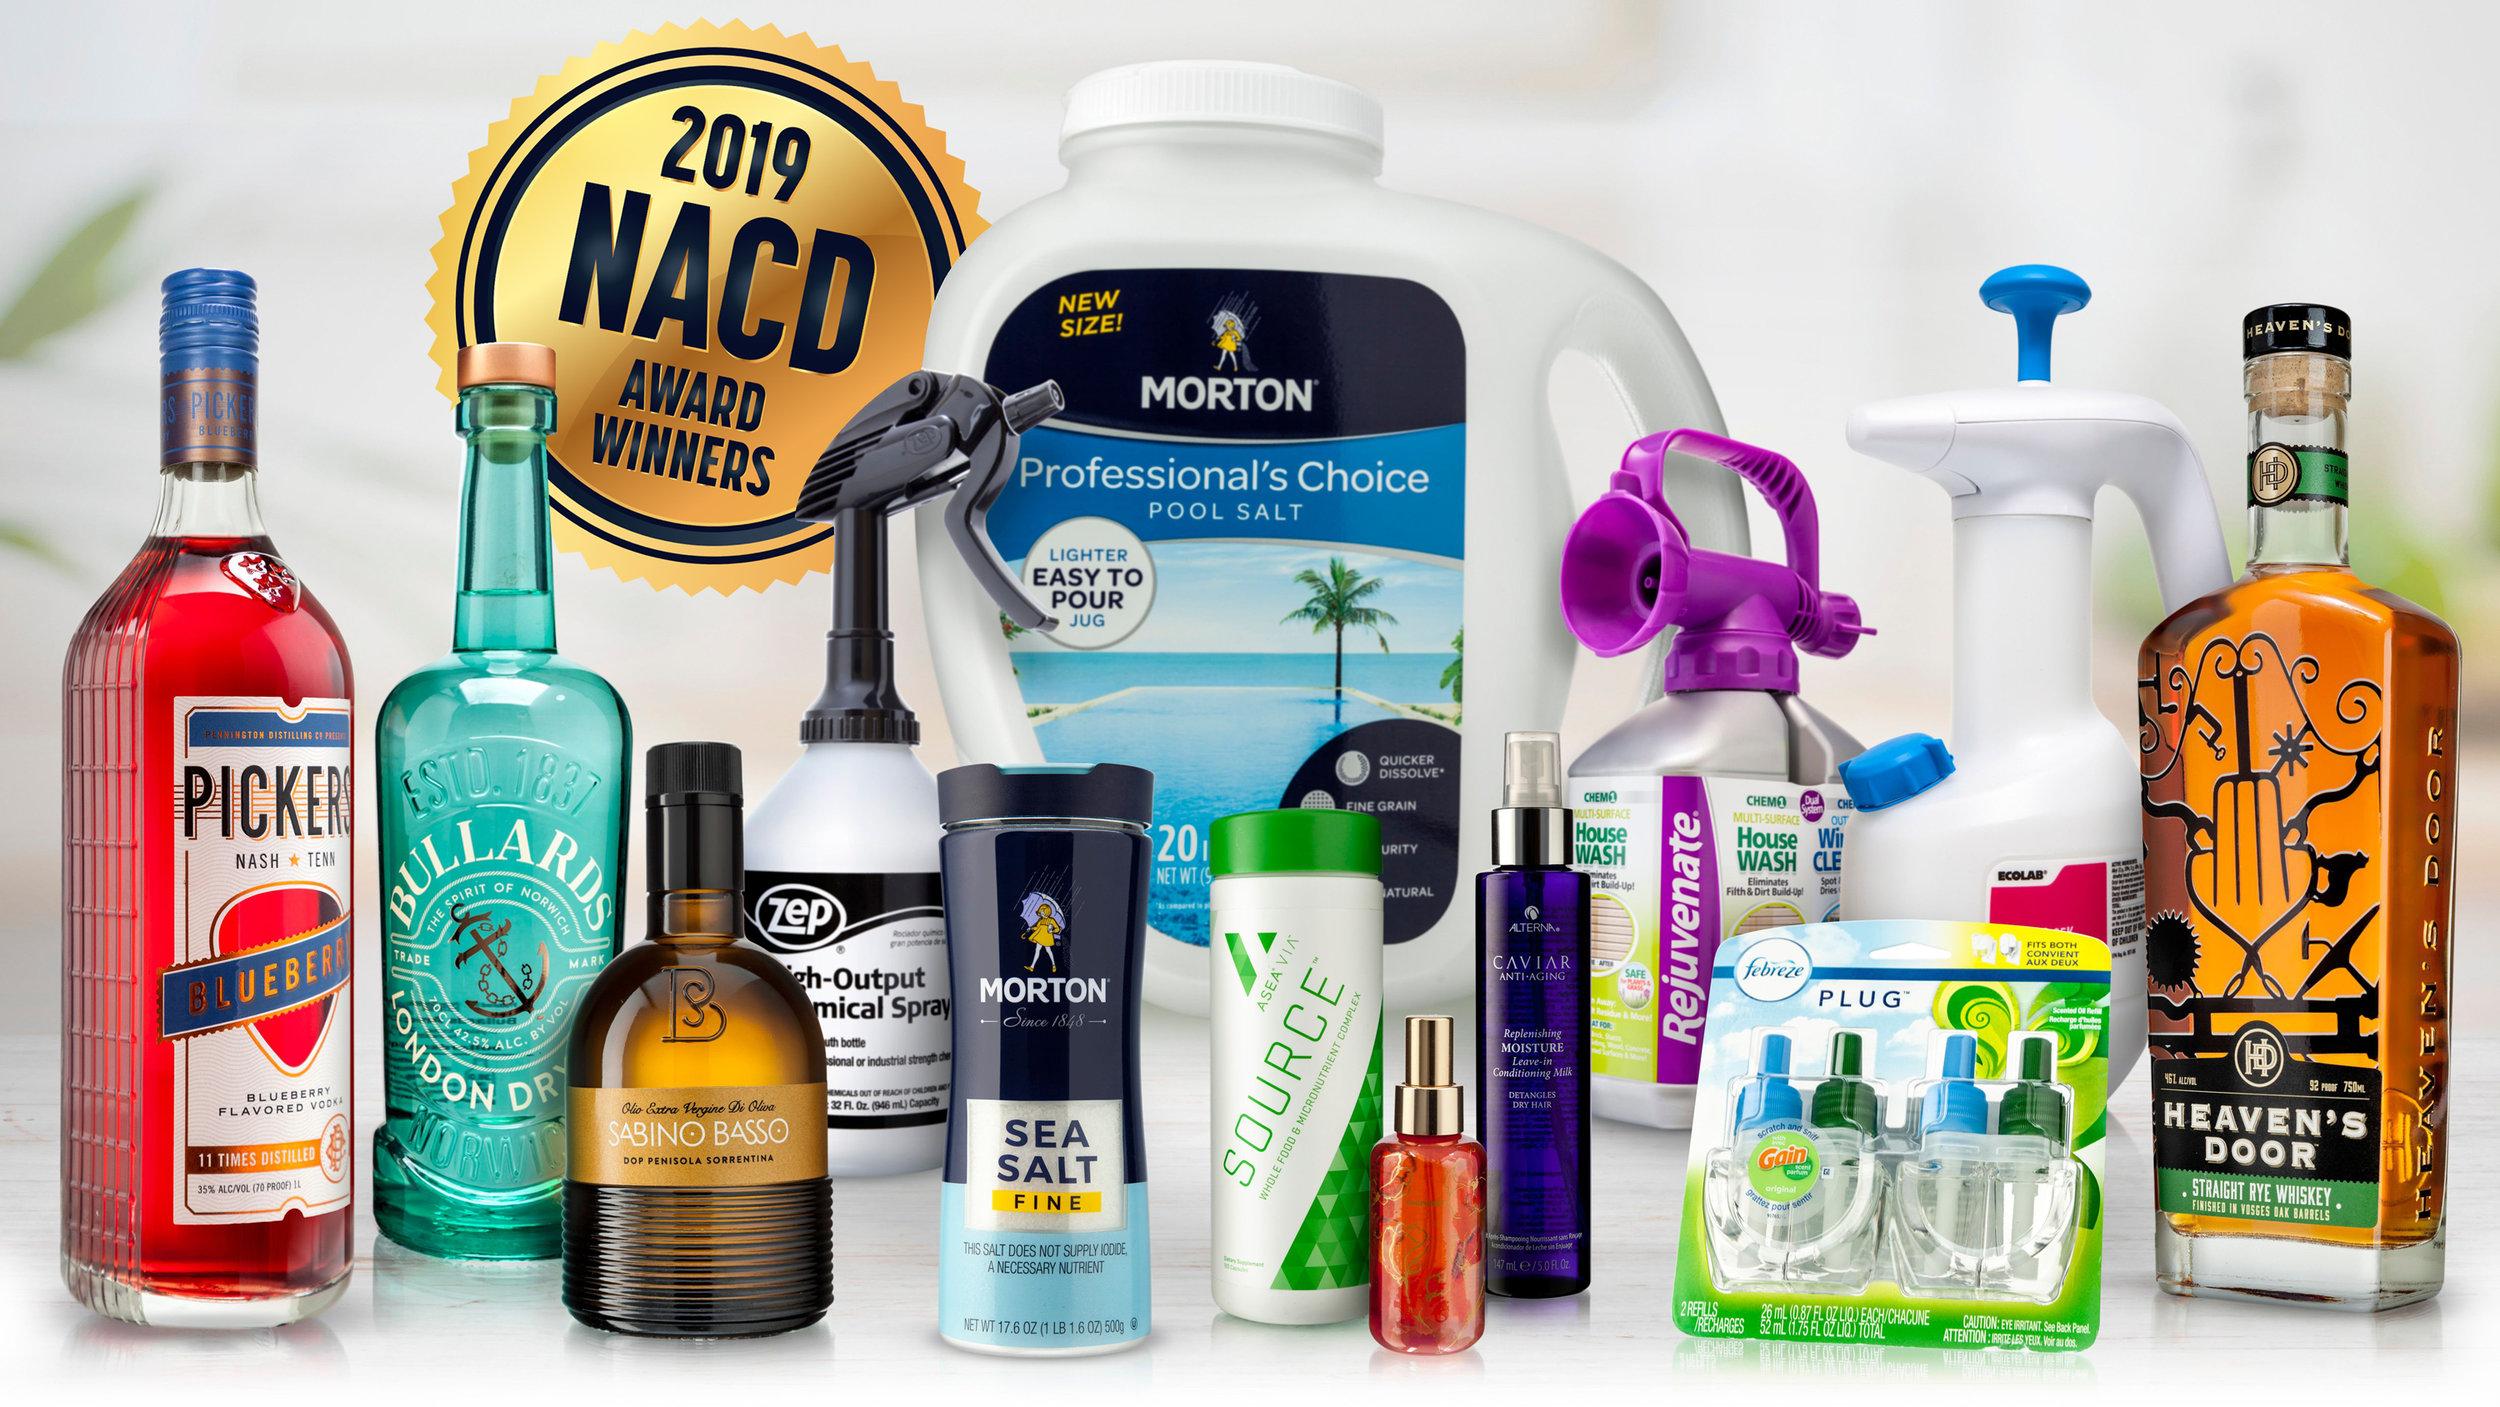 NACD_Winners_2019.jpg